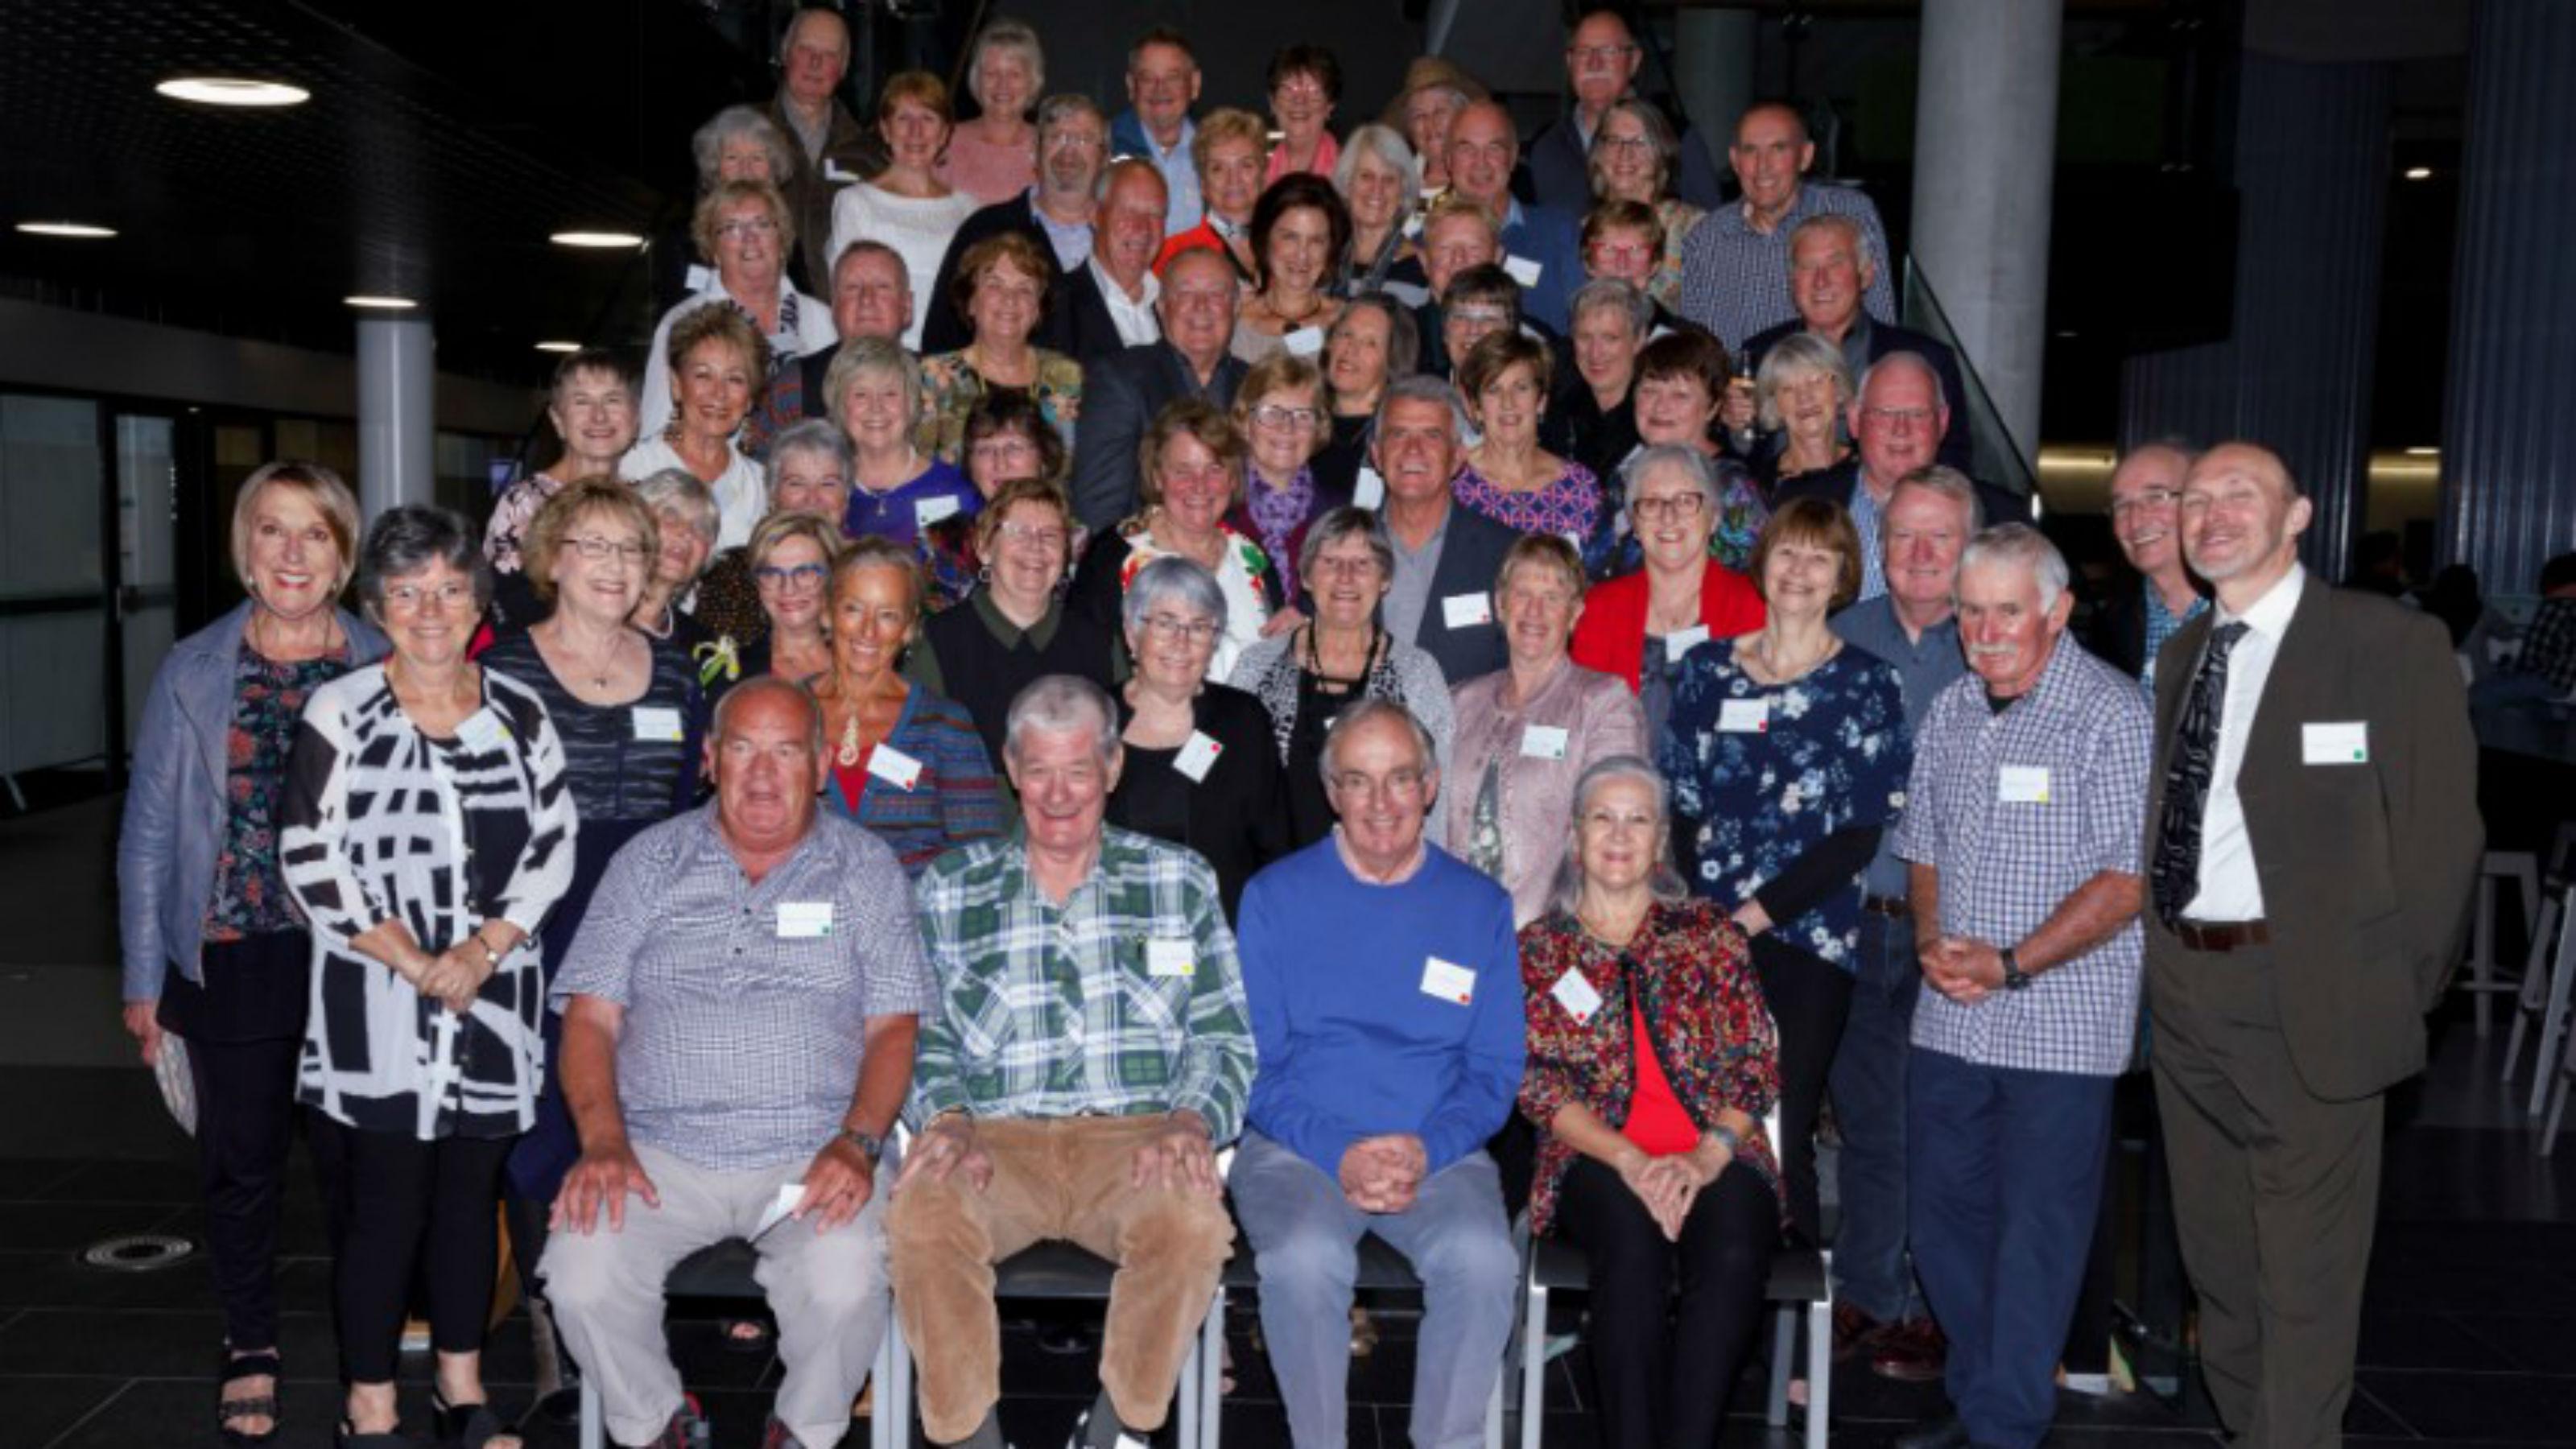 Wellington Teachers College reunion